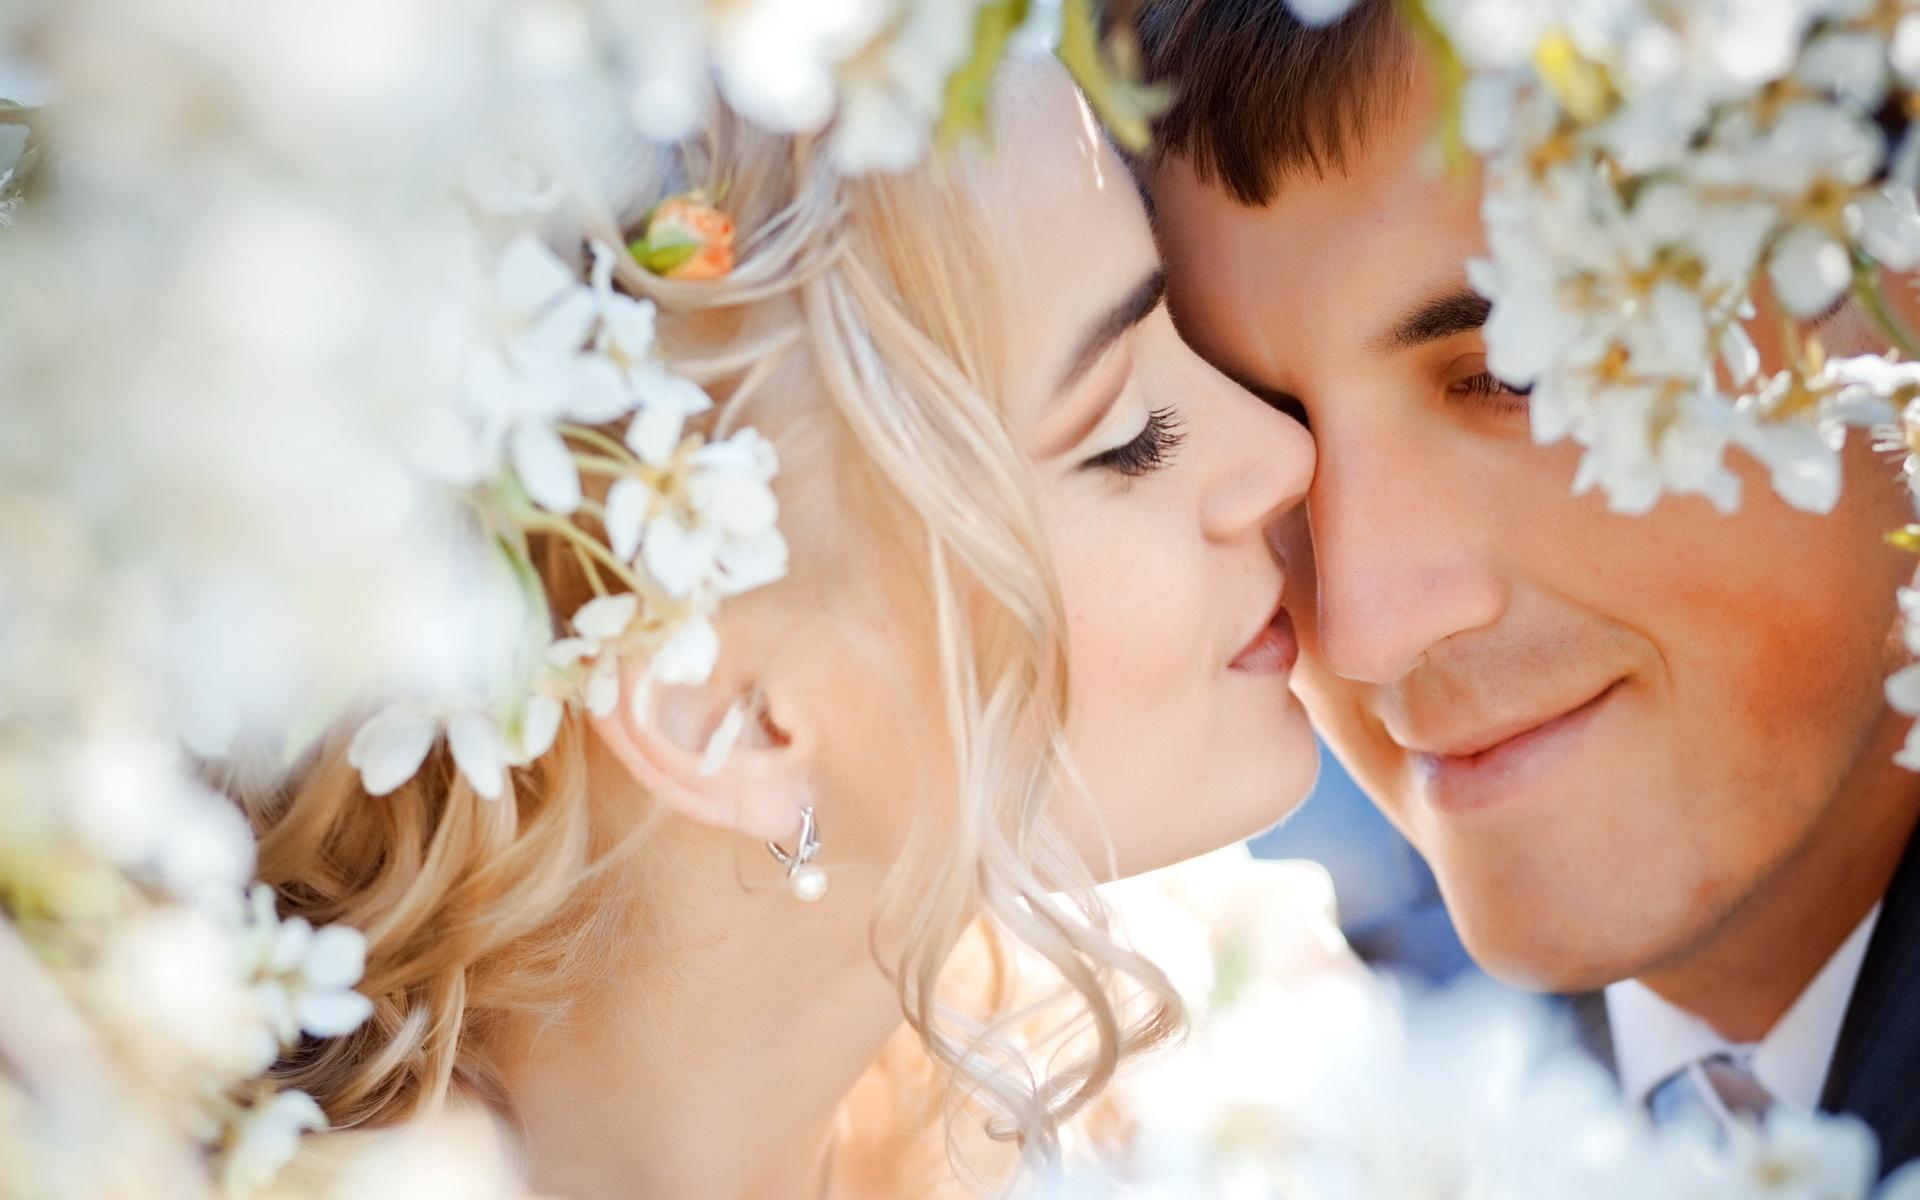 Fotofunia sexy kiss adult vids